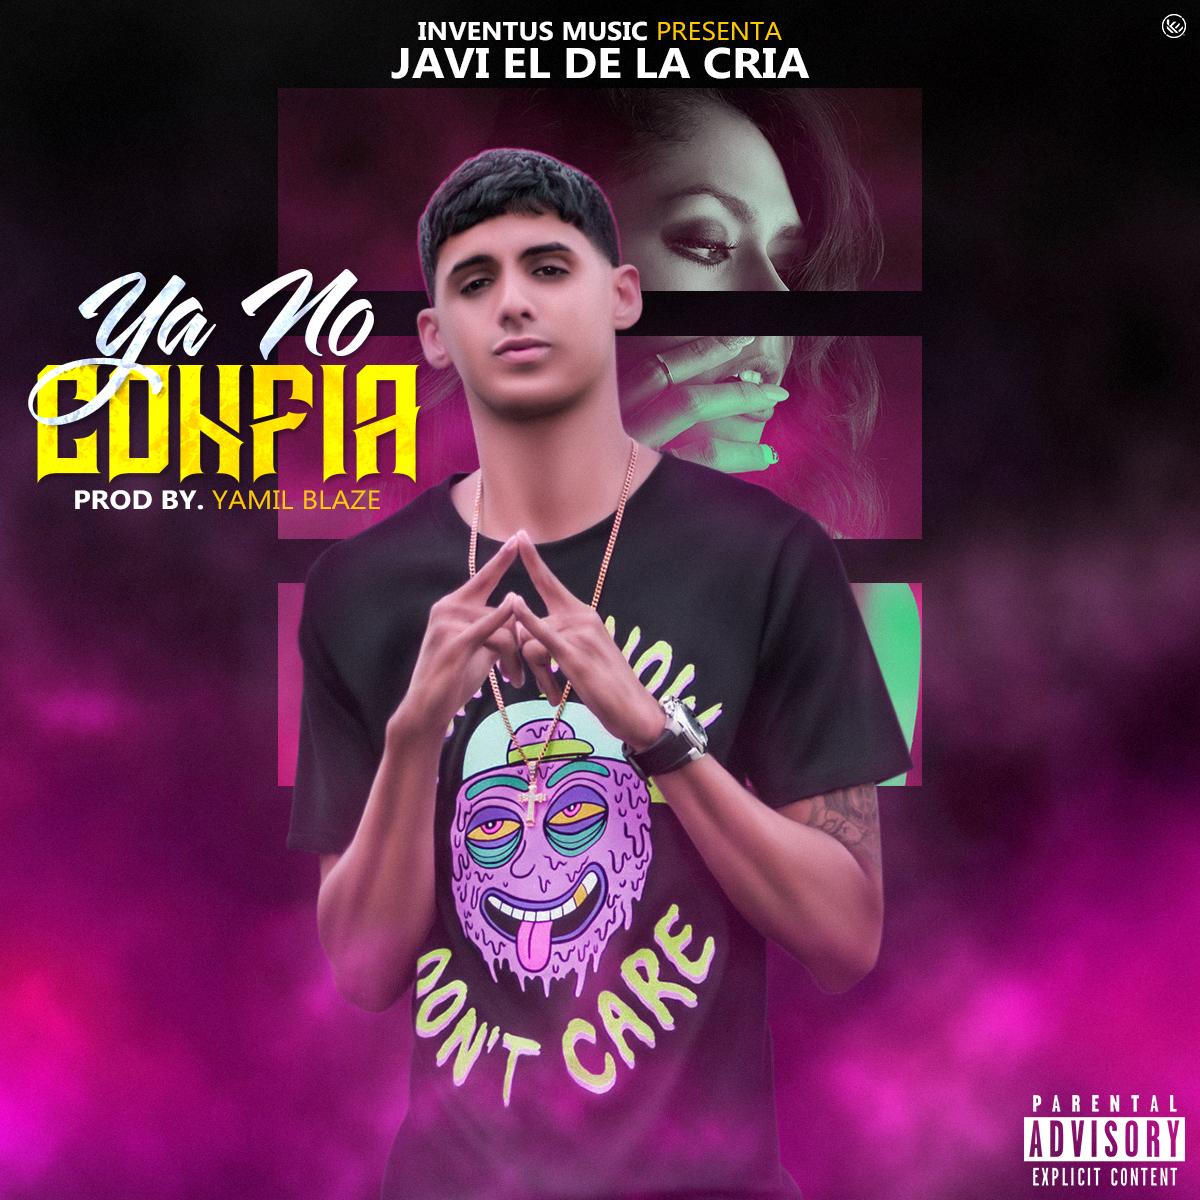 YA NO CONFIA - Javi El De La Cria – Ya No Confia